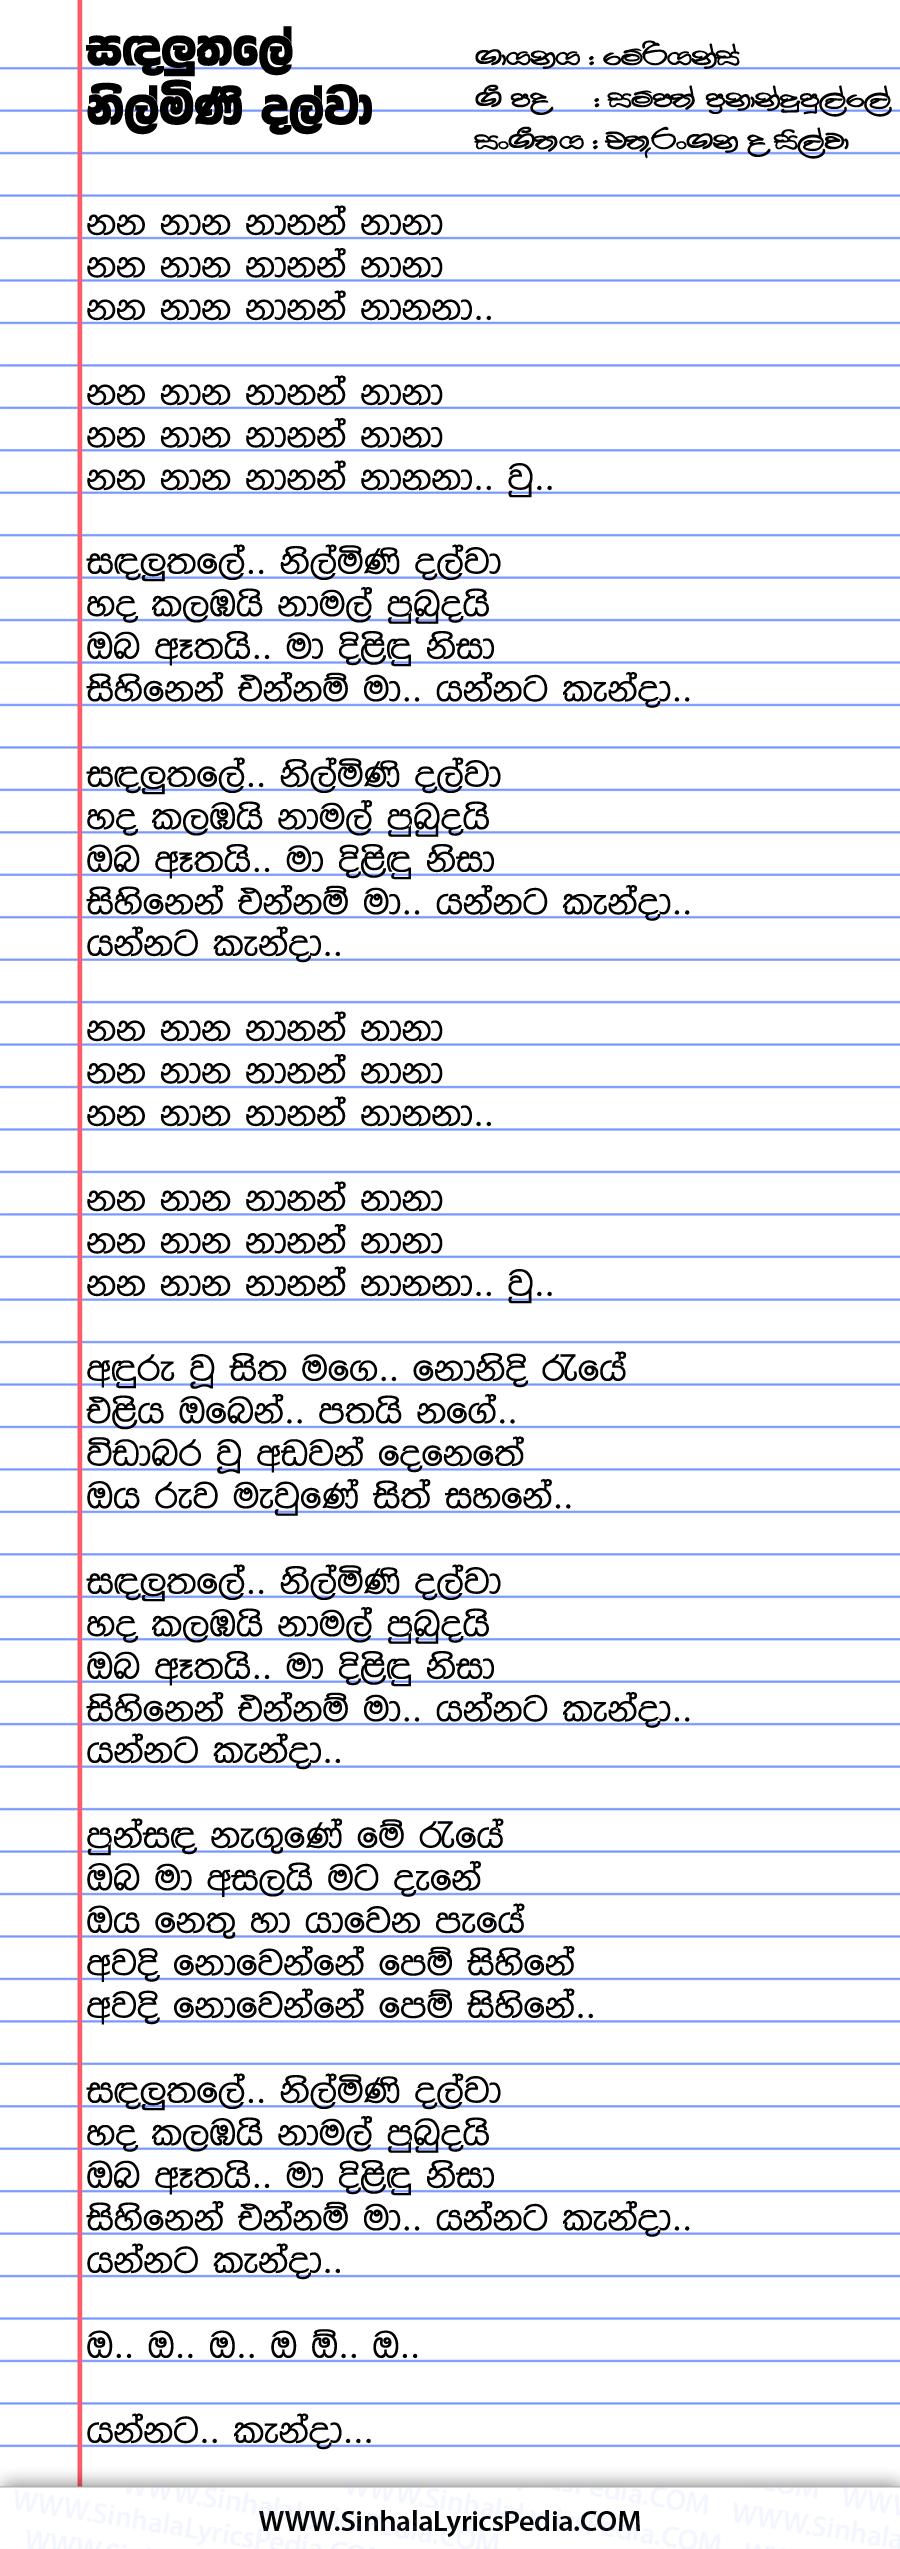 Sandaluthale Nilmini Dalwa Song Lyrics